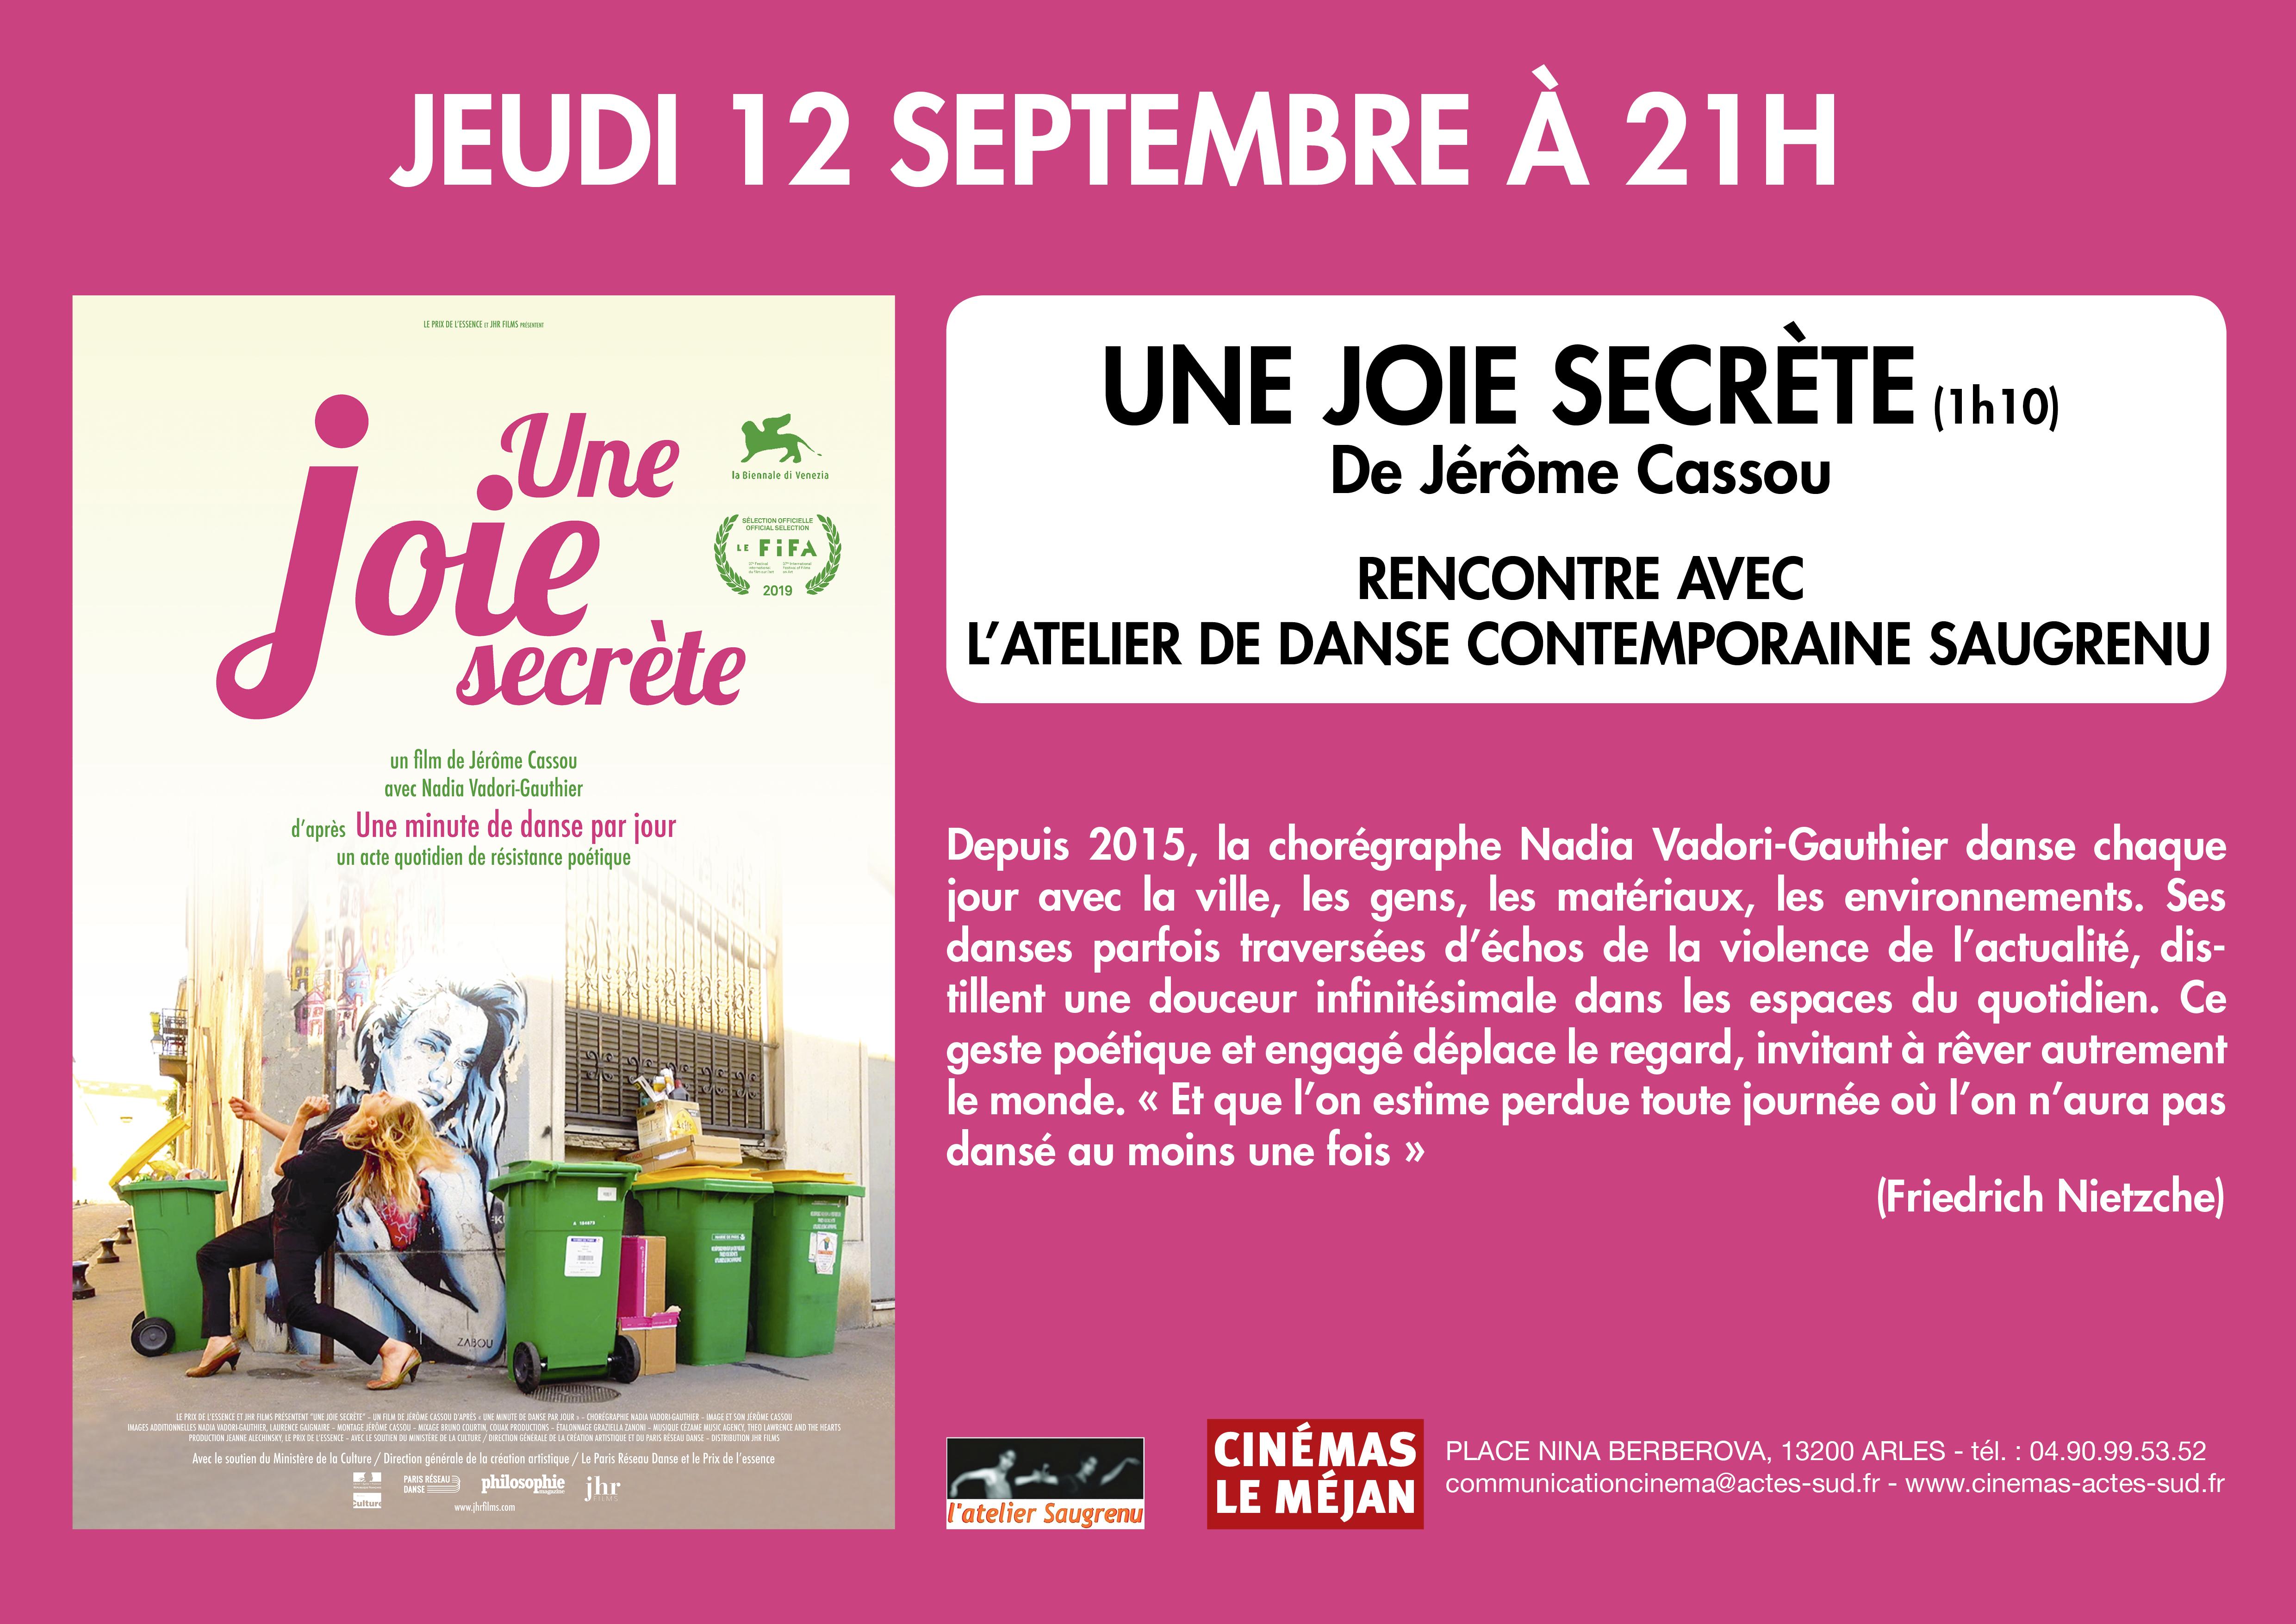 """Pour la sortie du film """"Une joie secrète"""", le cinéma le Méjan organise une rencontre avec l'Atelier Saugrenu, association de danse arlésienne."""